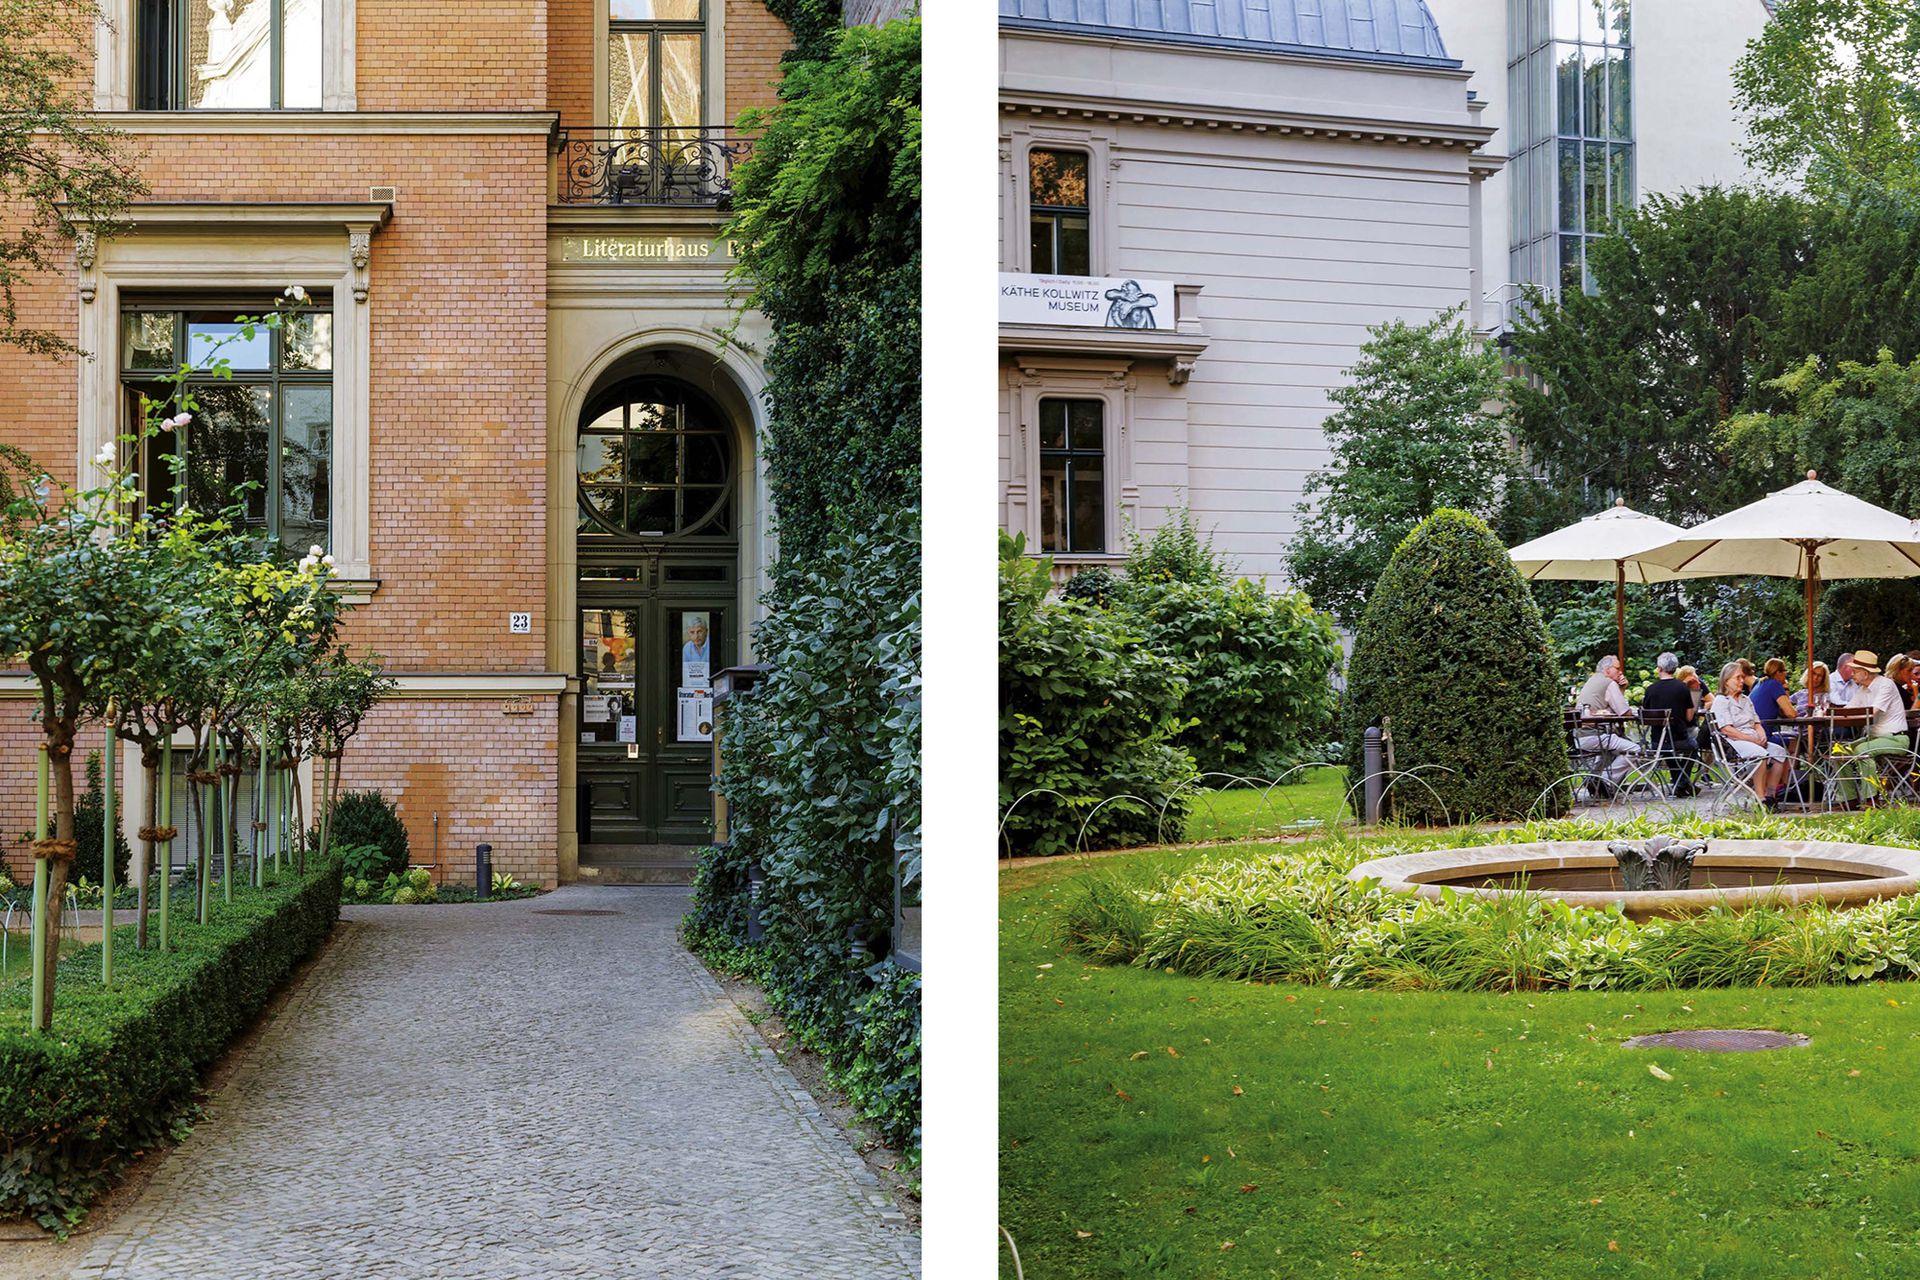 Dos edificios deliciosos a pocas cuadras de lo de Harald: el museo Käthe Kollwitz, que se puede ver desde los jardines del café de la Literaturhaus.